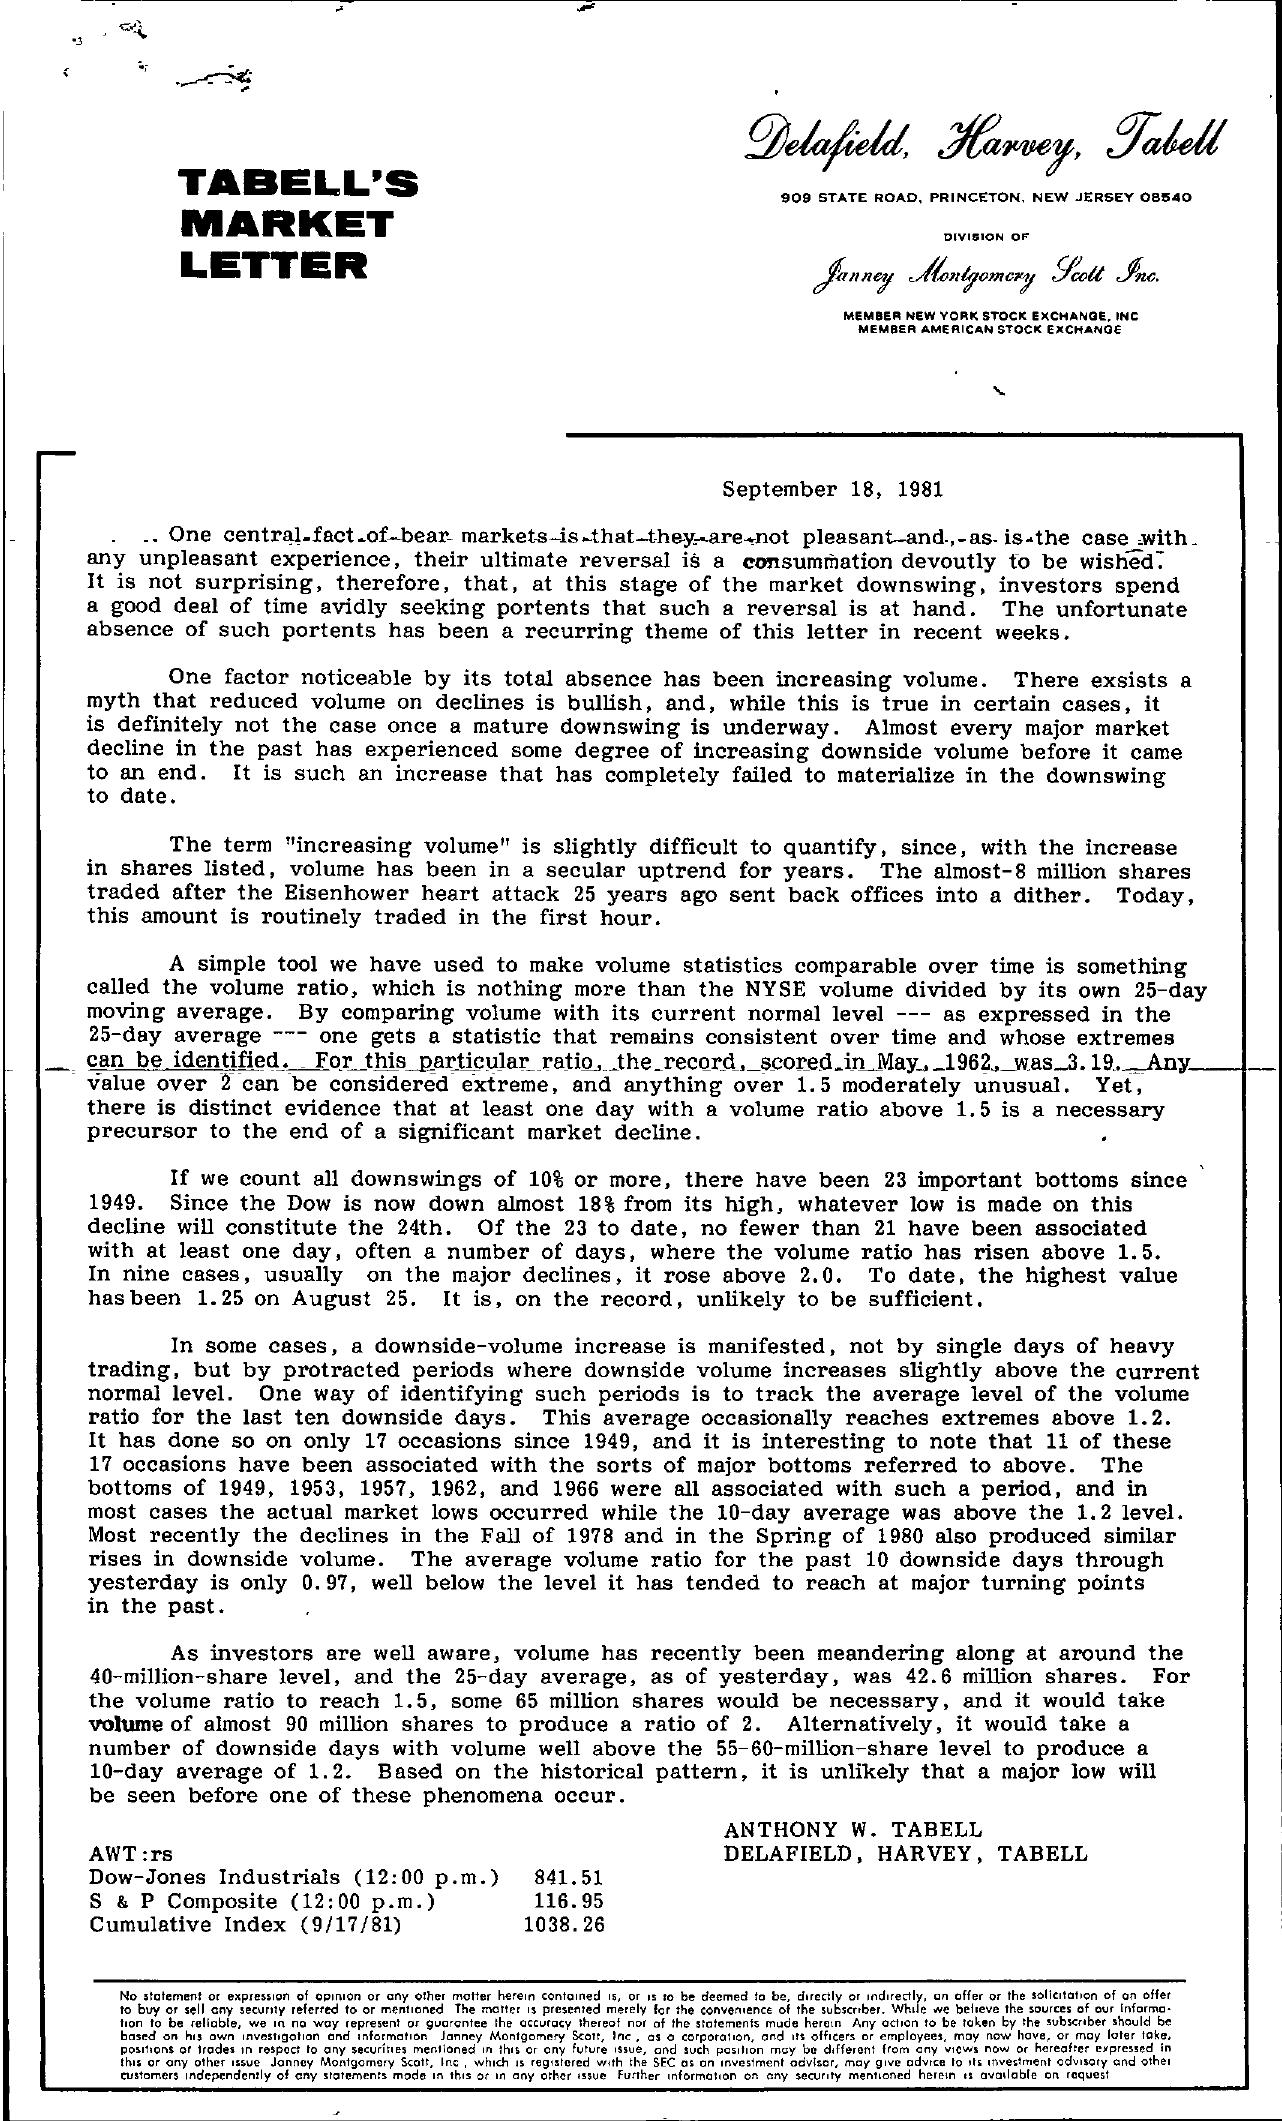 Tabell's Market Letter - September 18, 1981